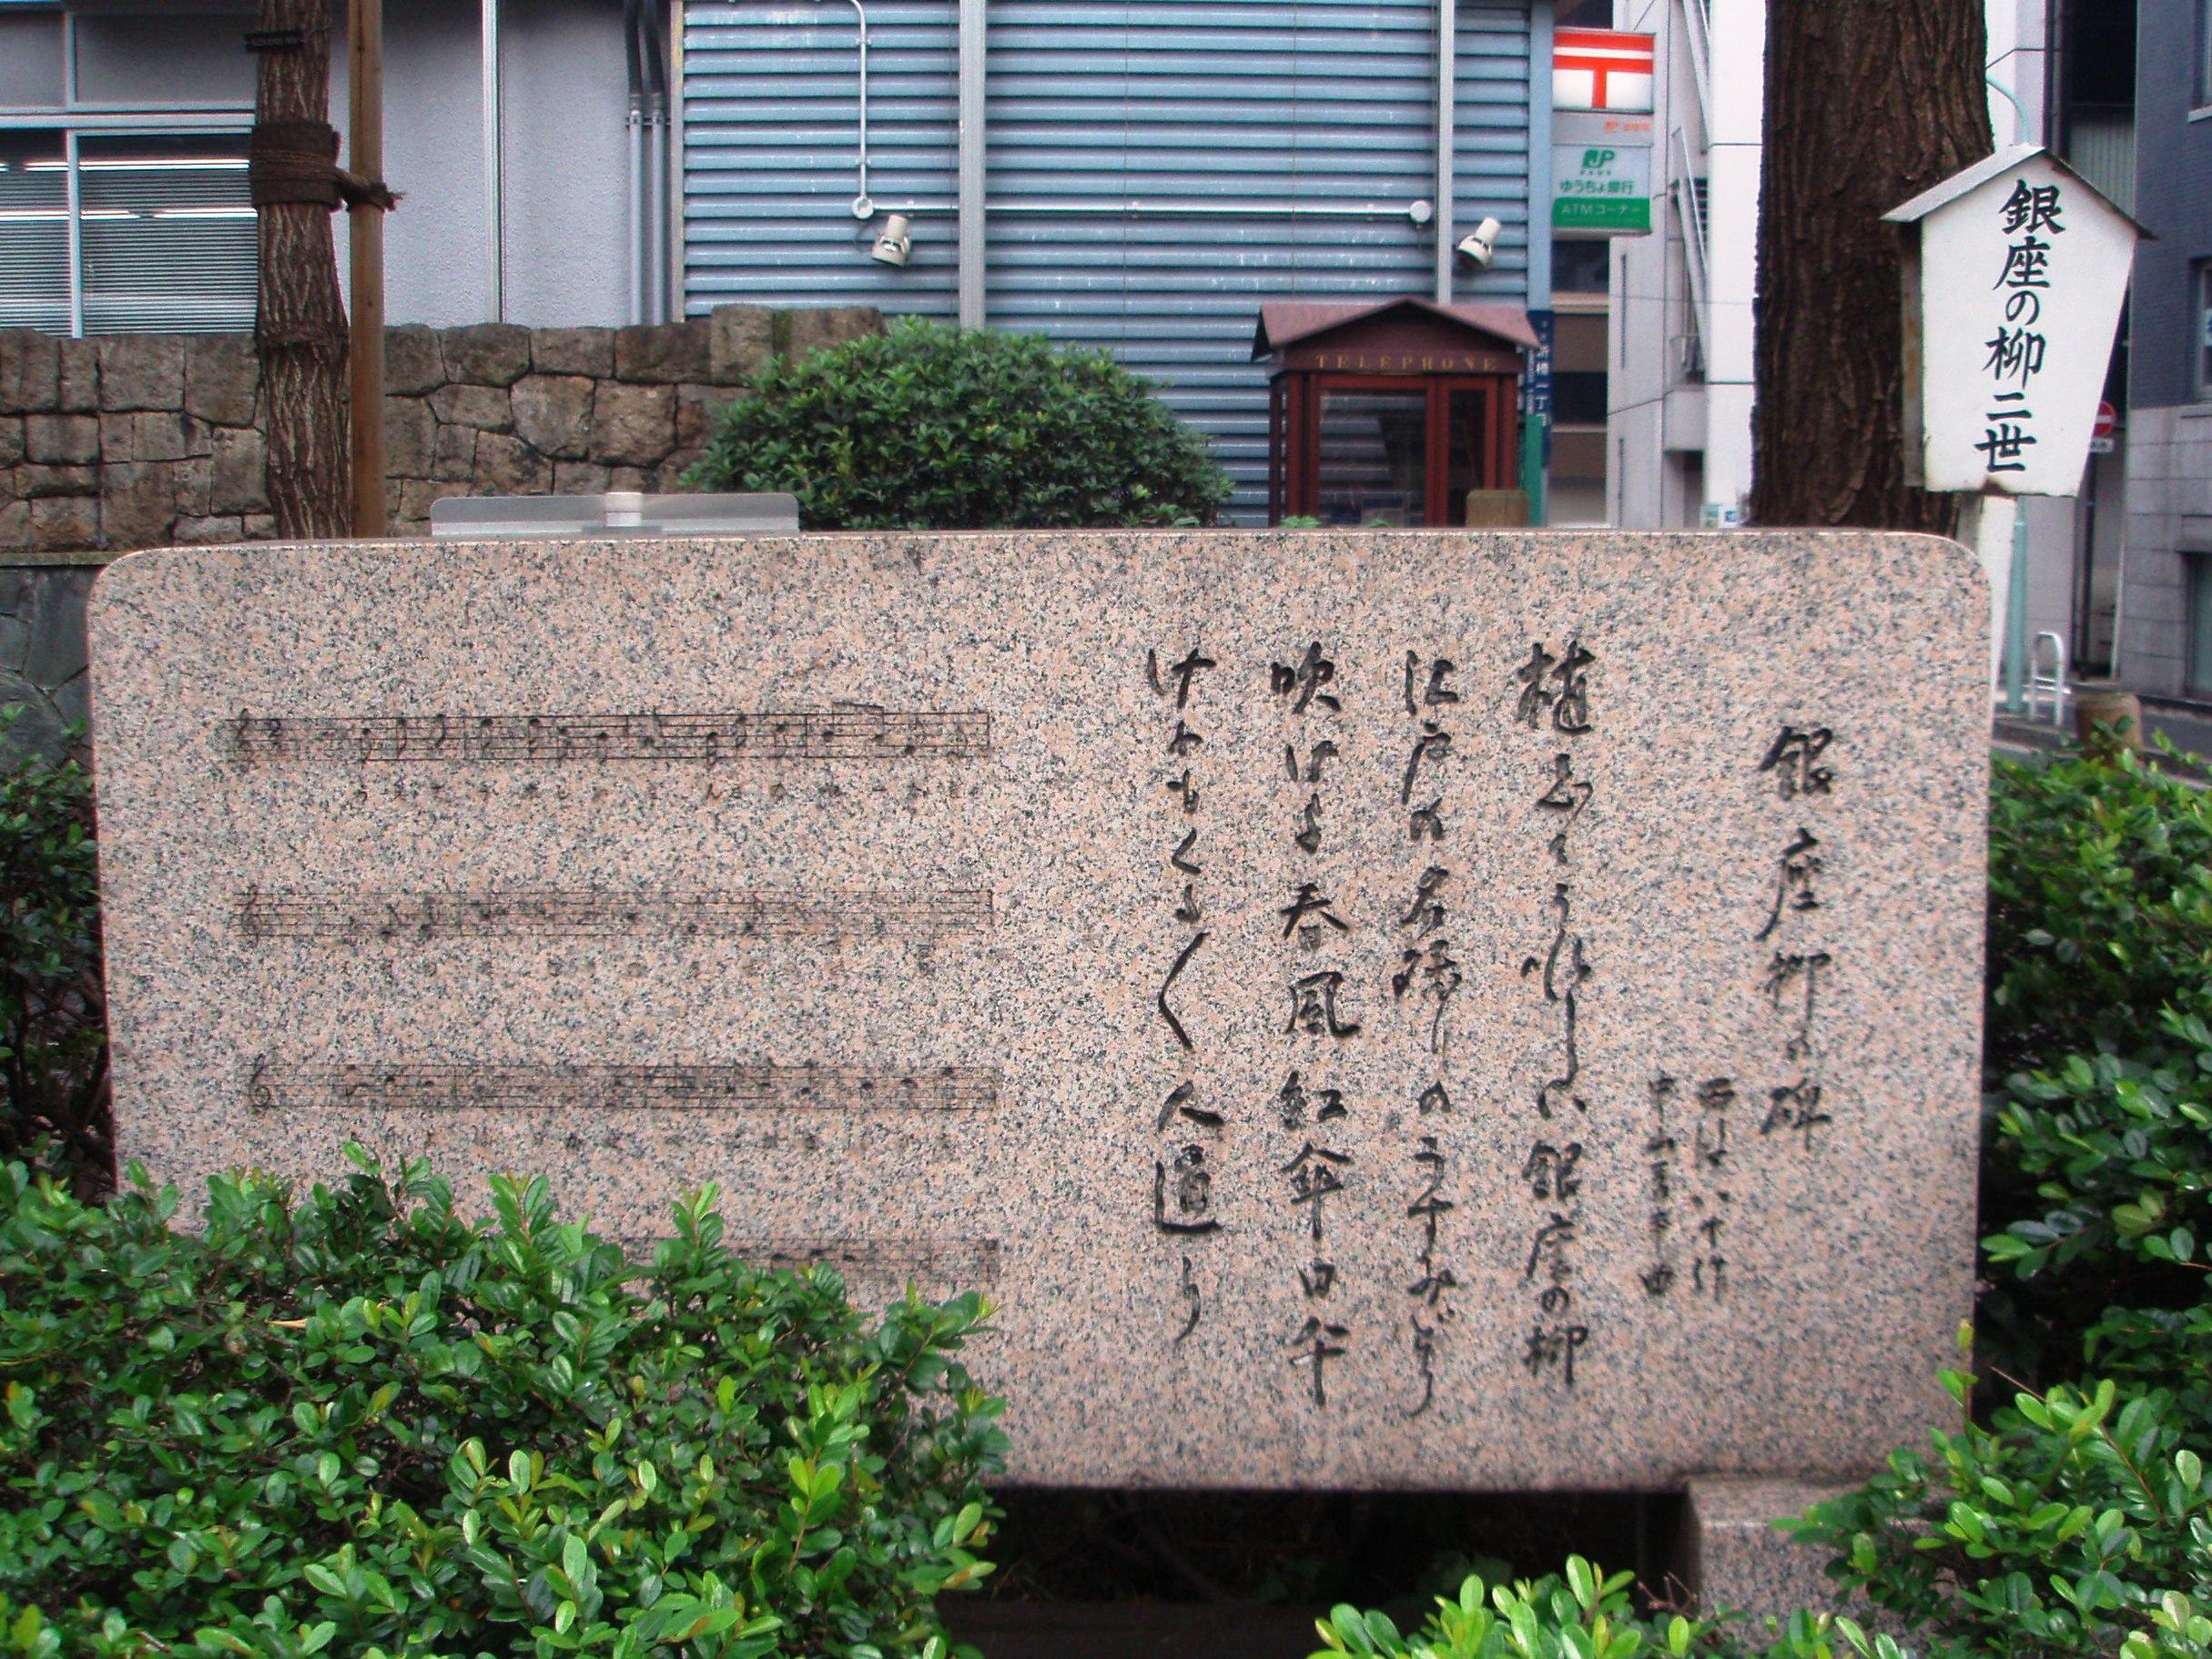 江戸のなごりの うすみどり の歌詞が刻まれた記念碑の写真